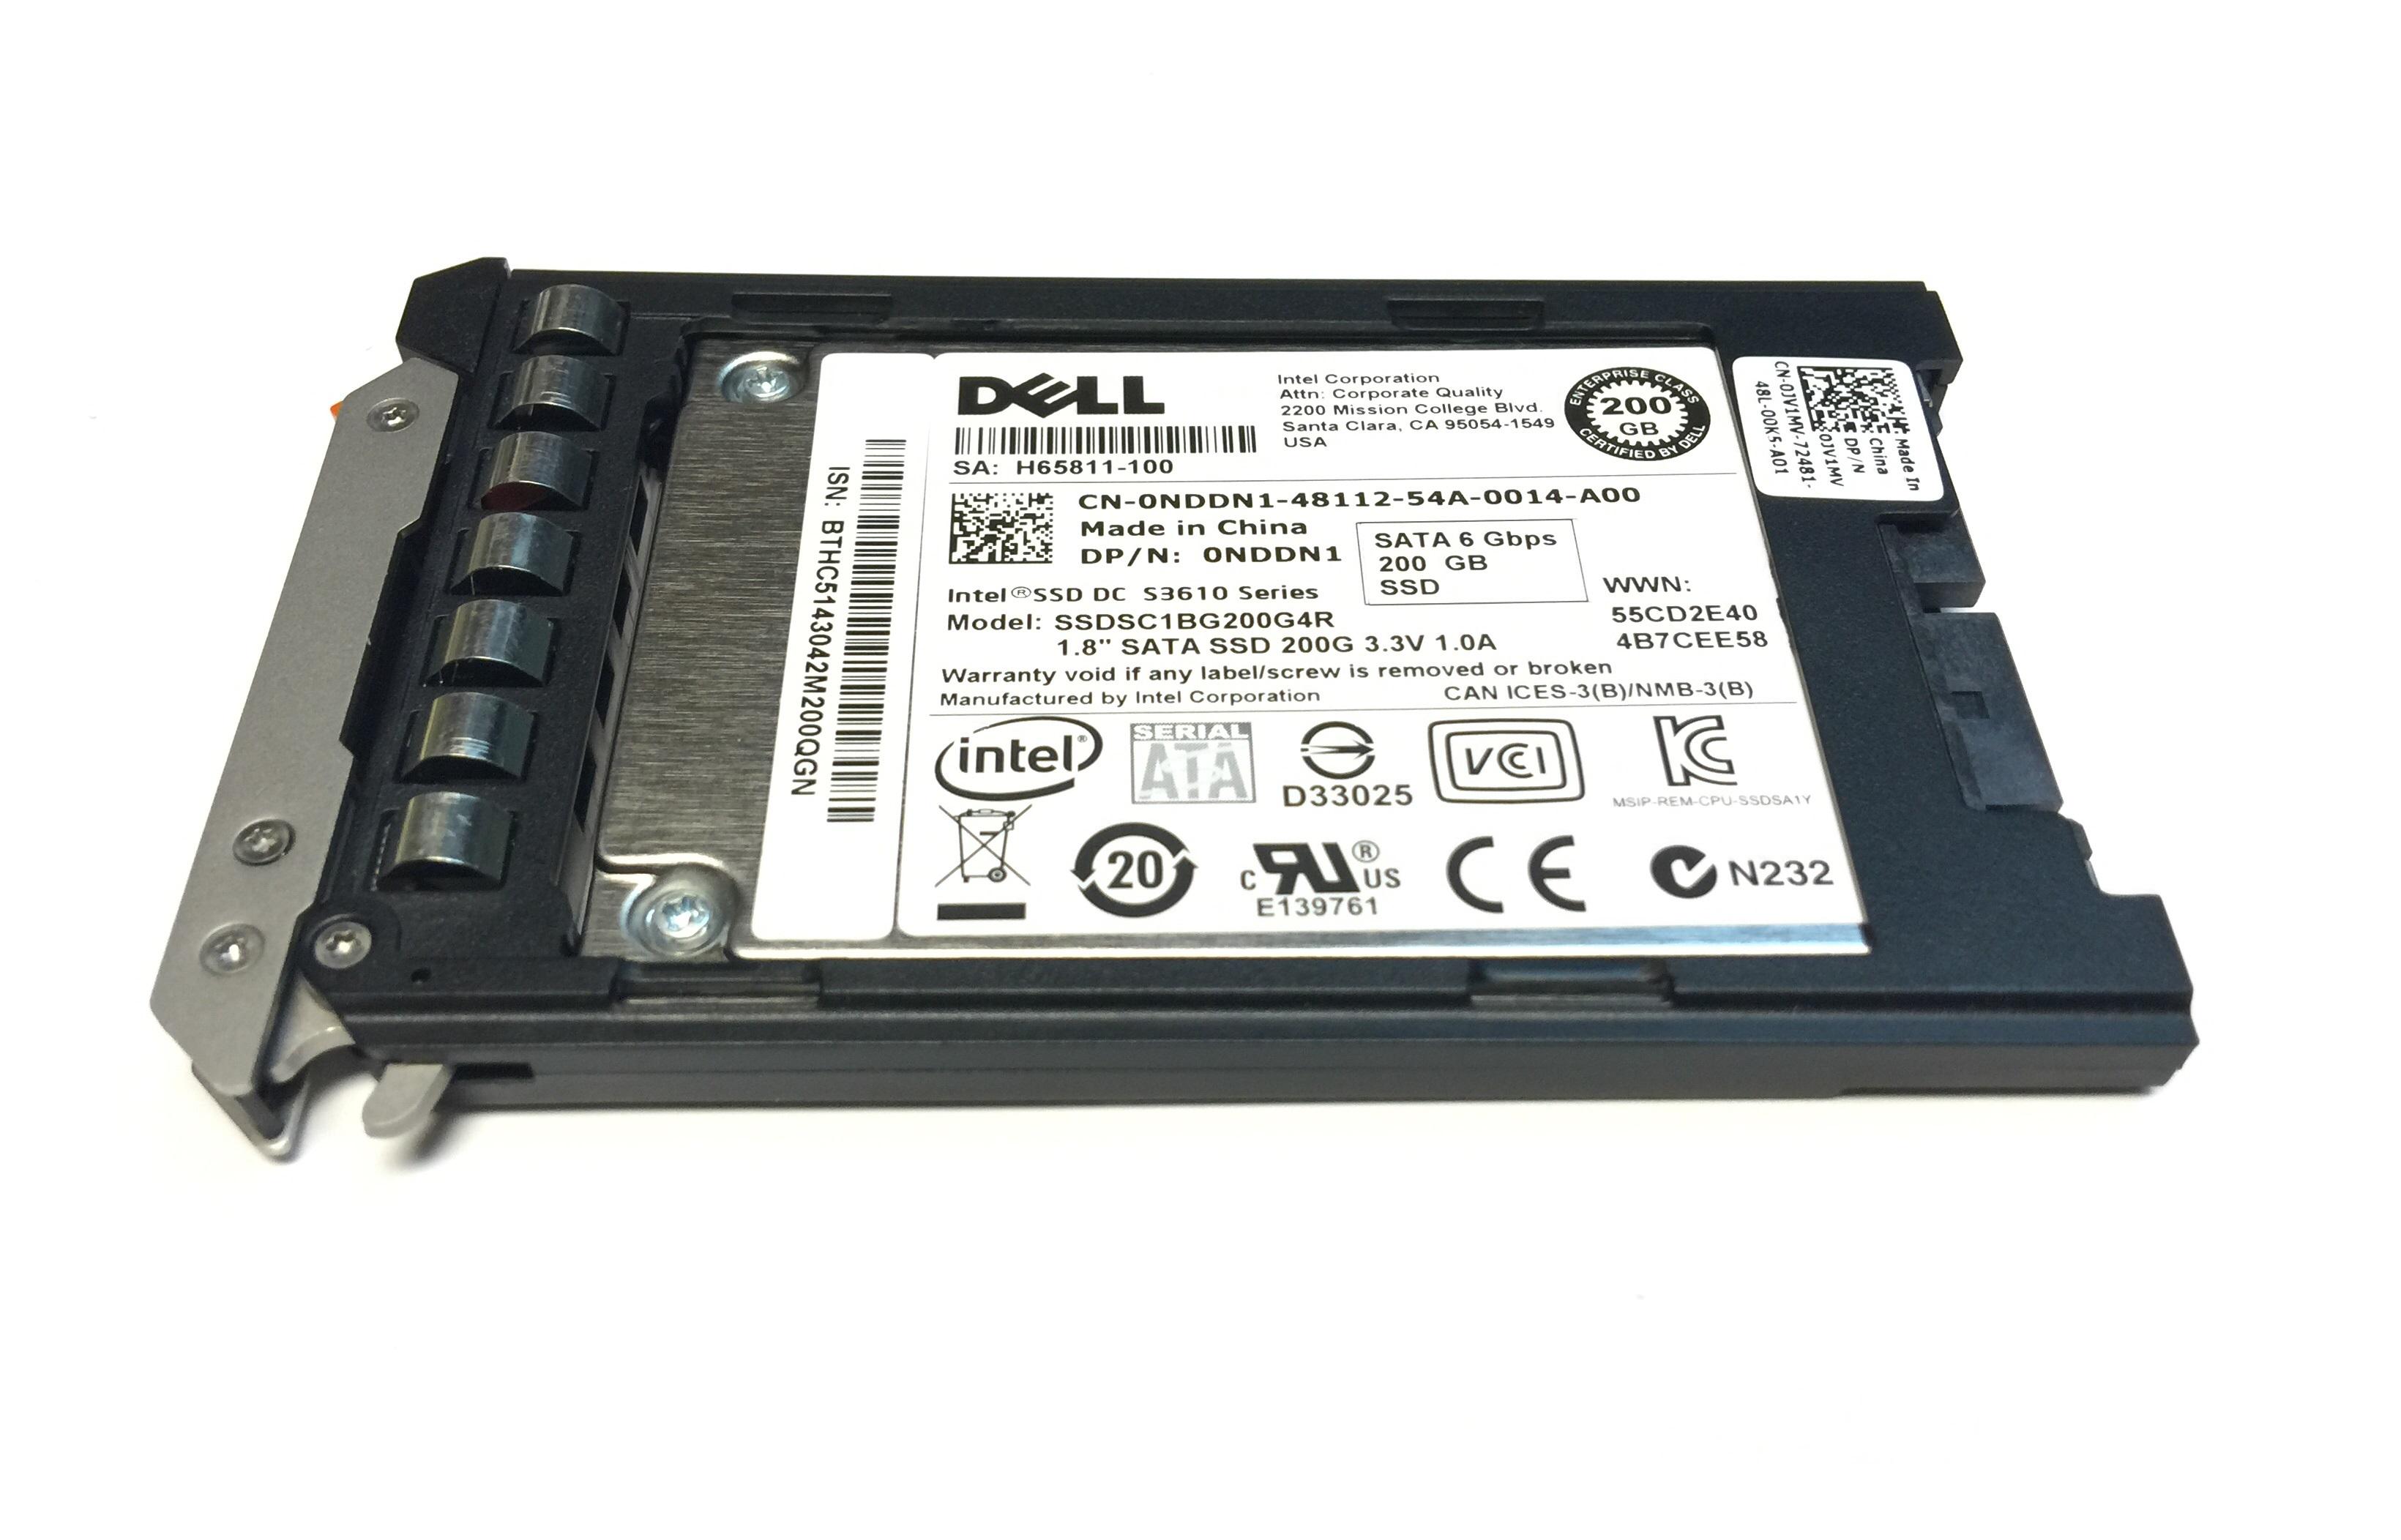 Dell  Intel S3610 SSD 200GB 6Gbps SATA 1.8'' MLC Solid State Drive SSD (NDDN1)